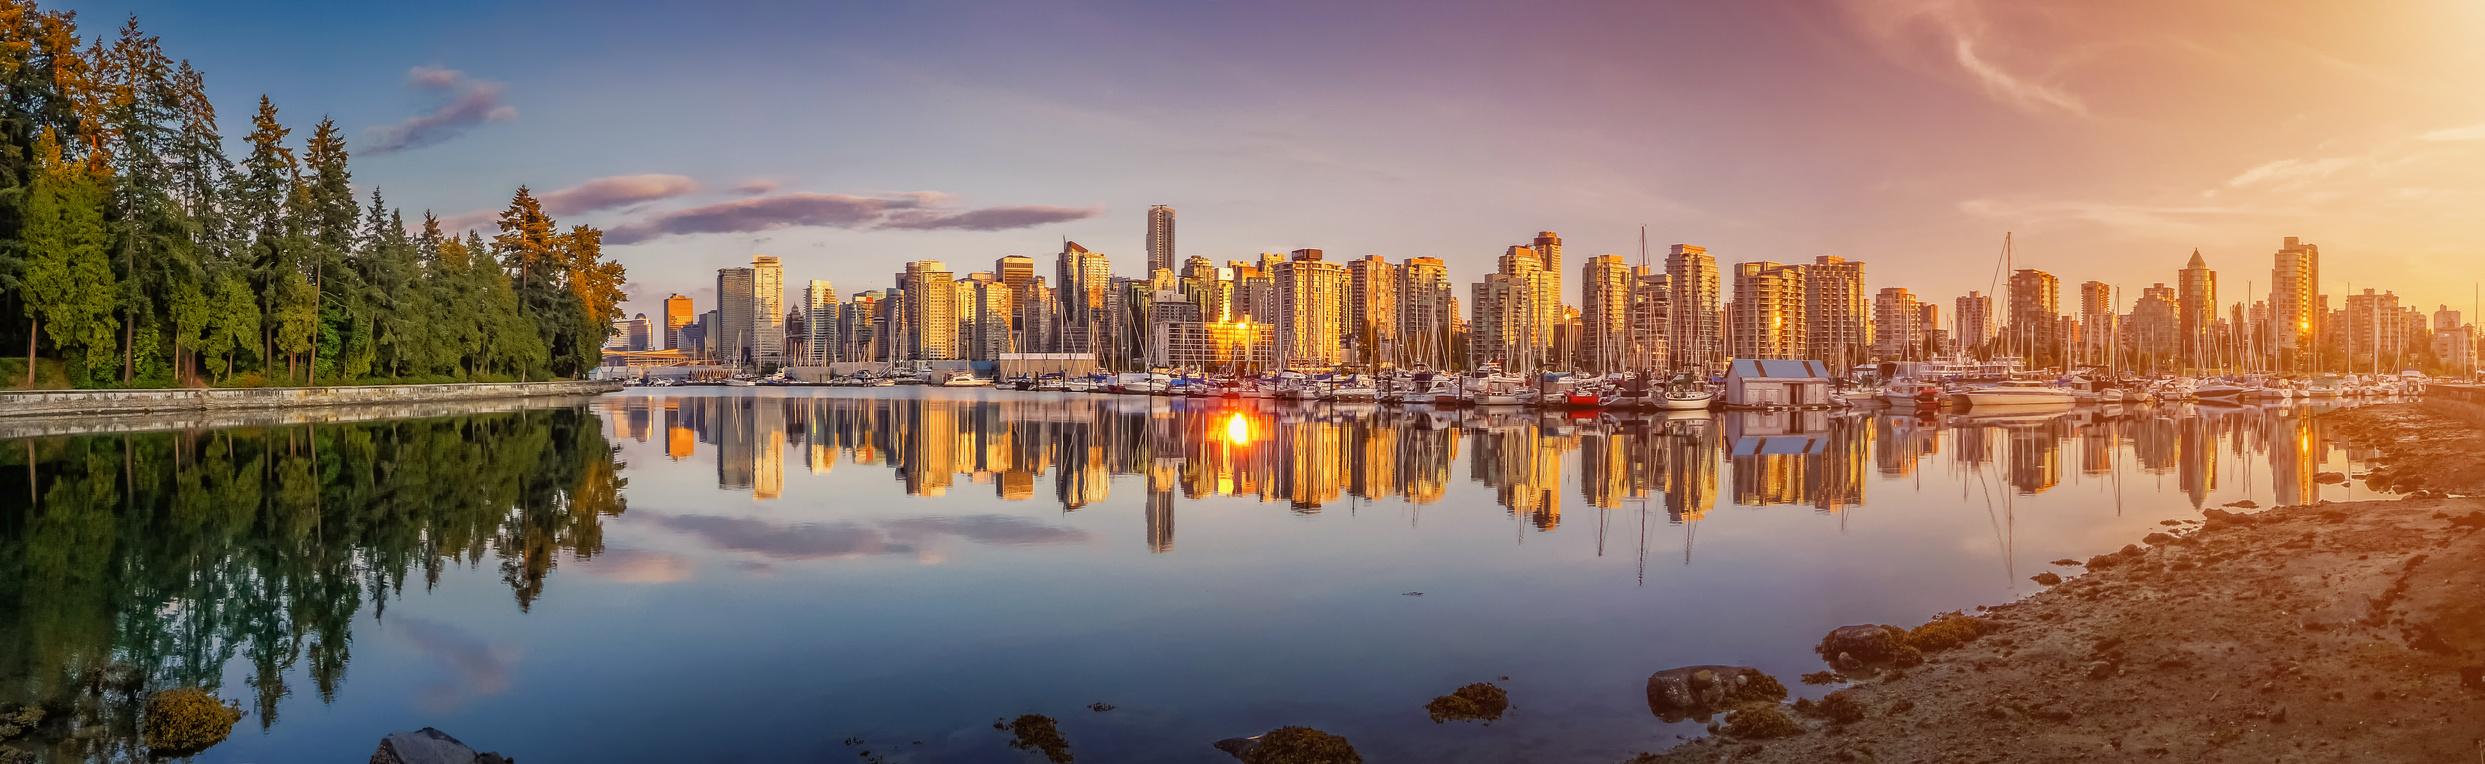 Die Sykline von Vancouver spiegelt sich im Wasser,